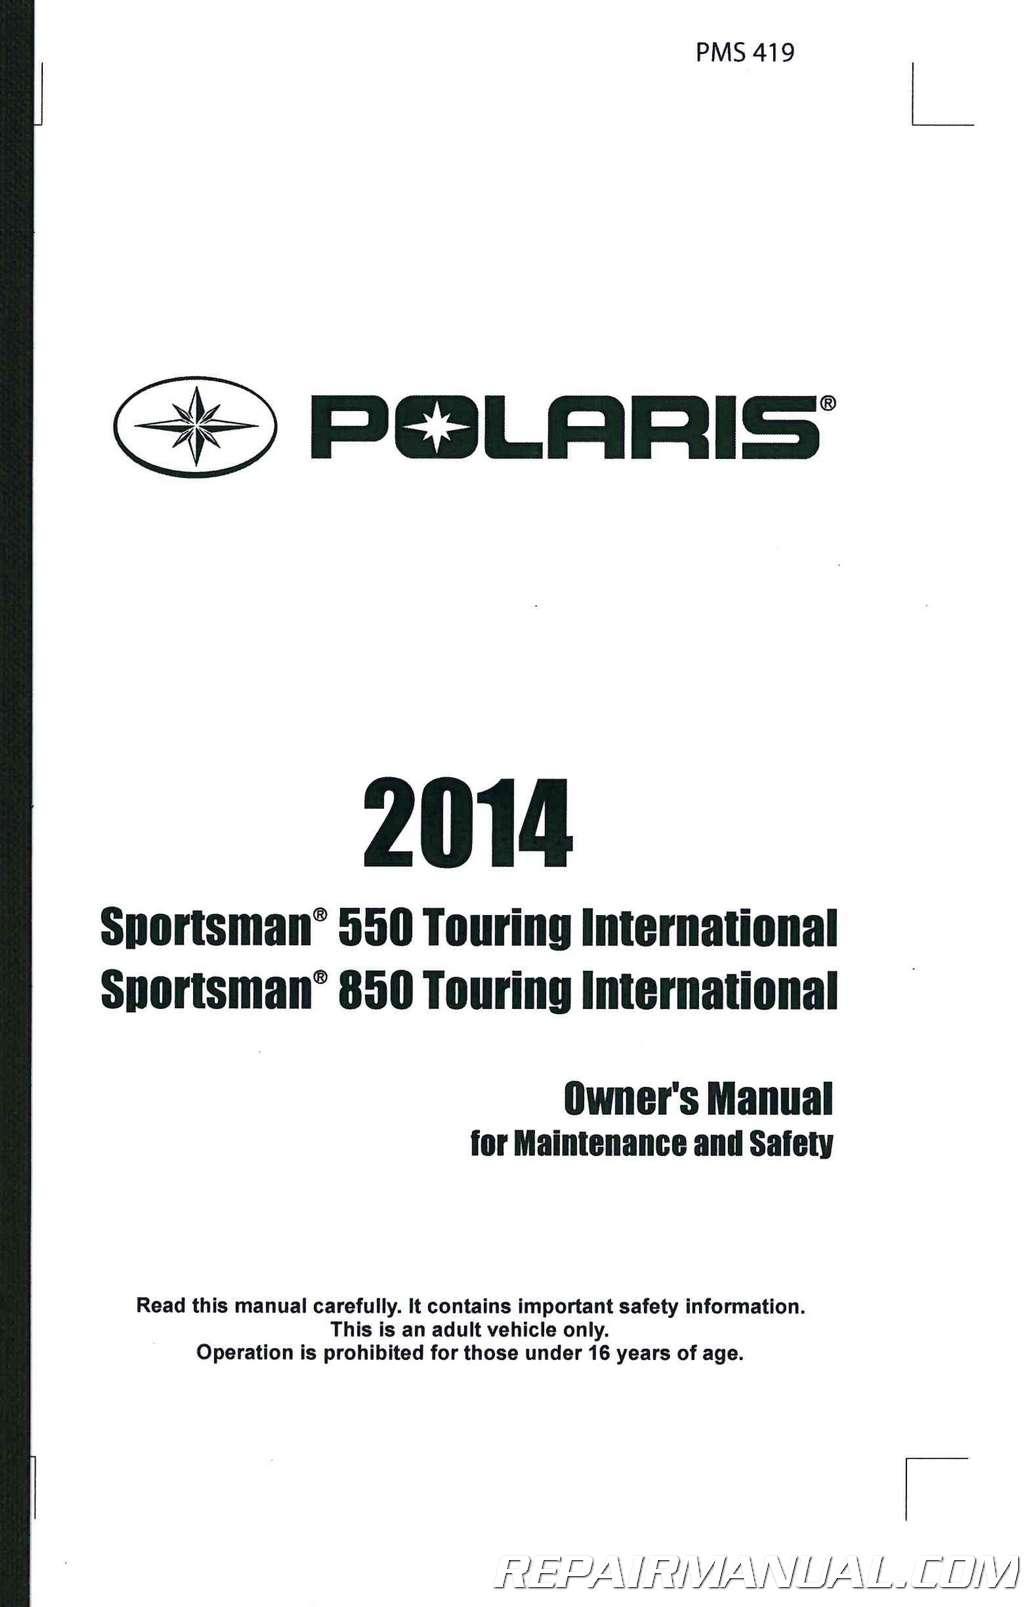 2014 Polaris Sportsman 550 Touring Intl 850 Touring Intl